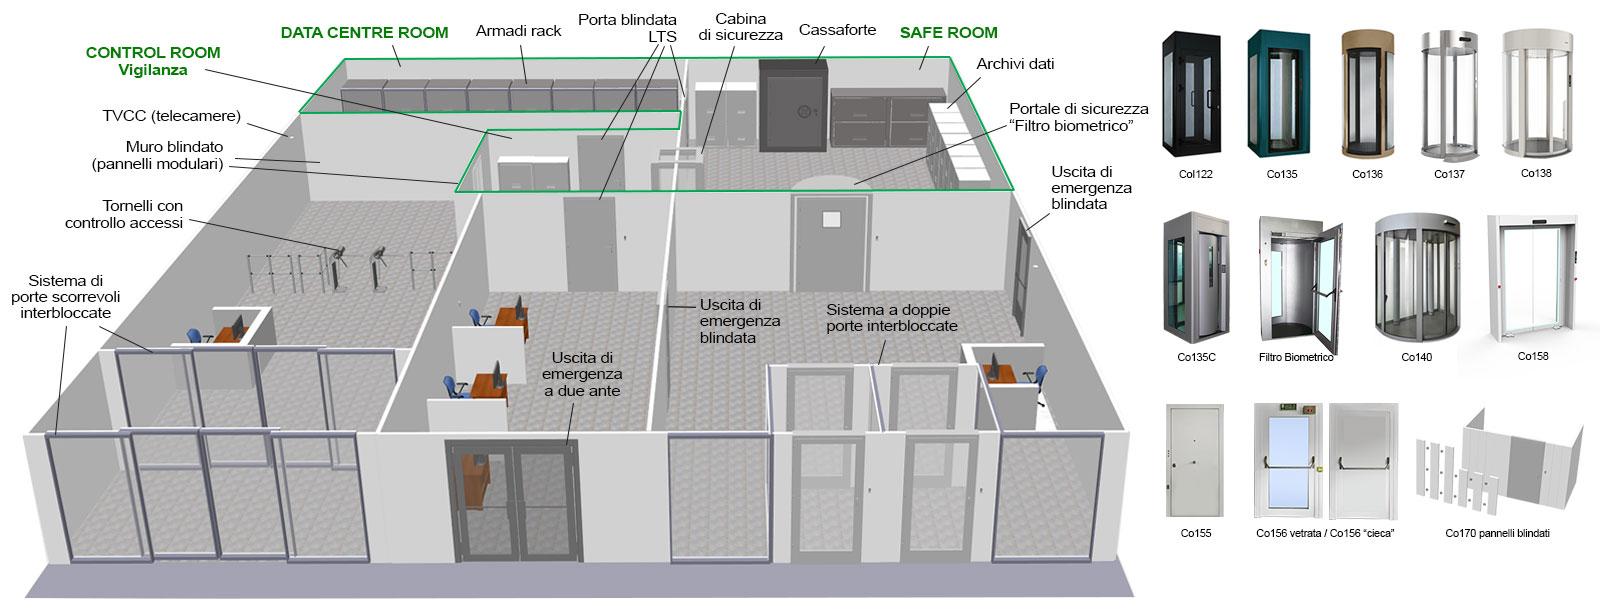 Area Safe Soluzioni Di Sicurezza Bussole Antirapina Porte